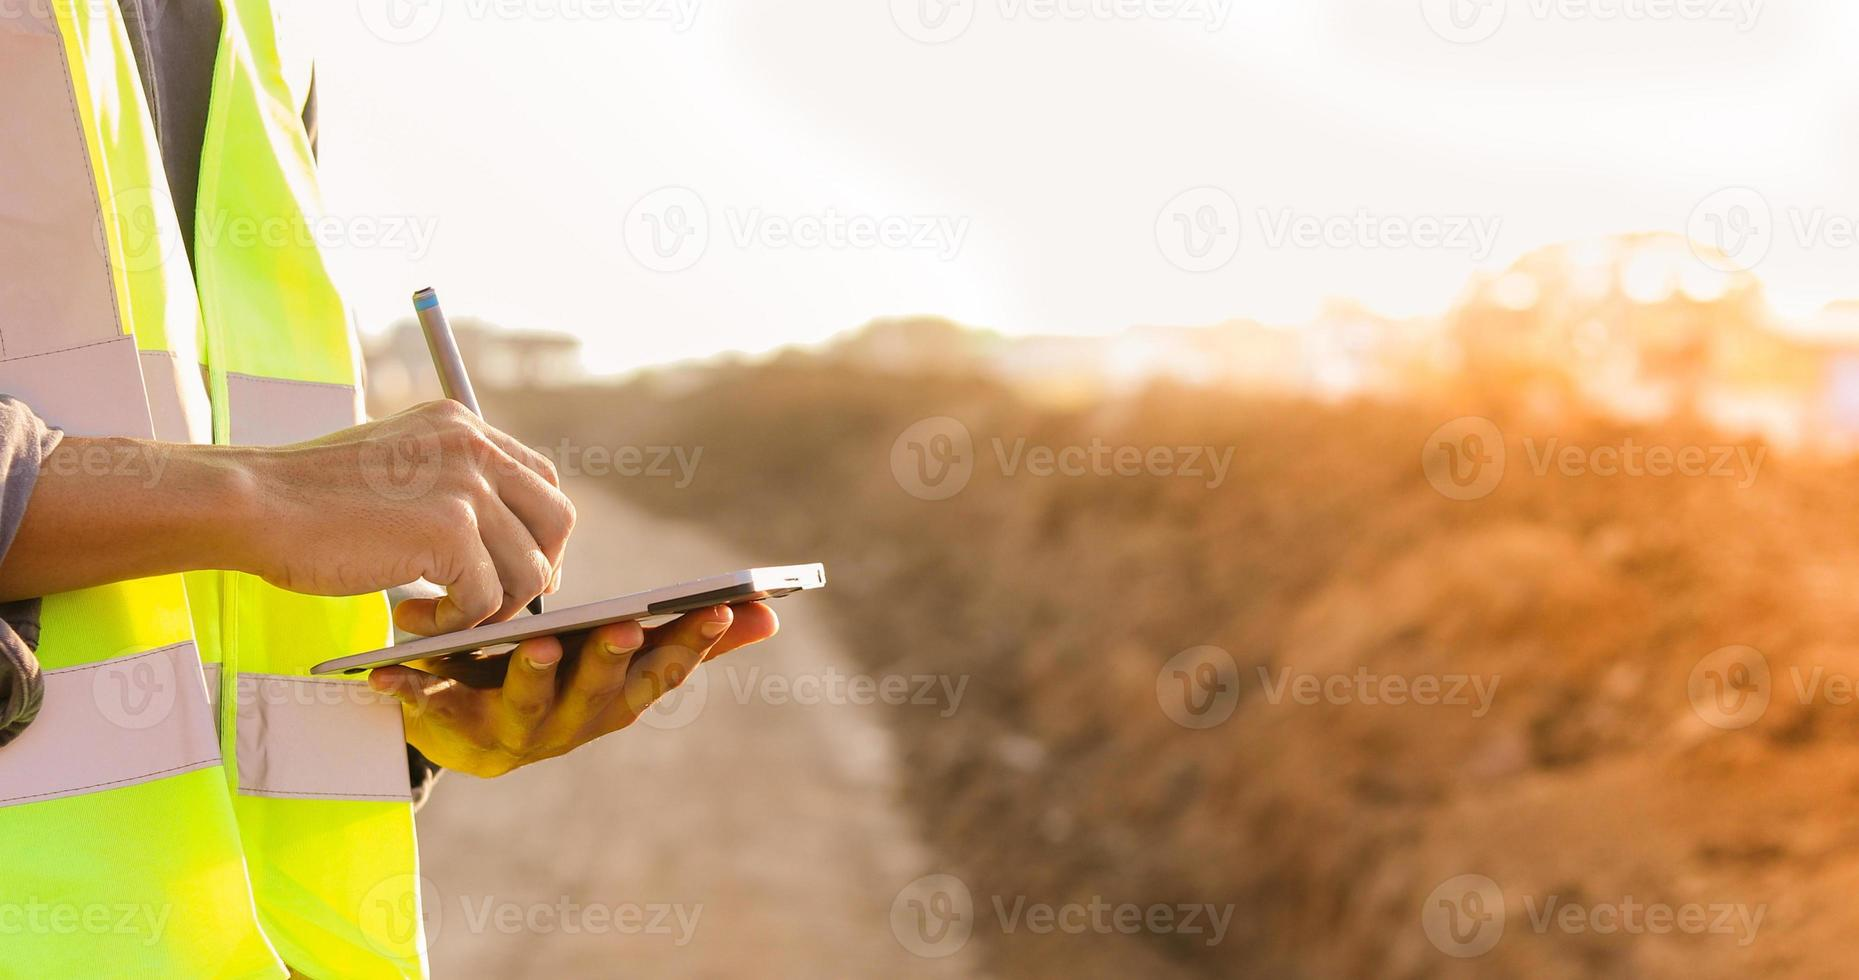 engenheiro asiático com capacete de segurança usando computador tablet pc inspecionando e trabalhando no canteiro de obras foto